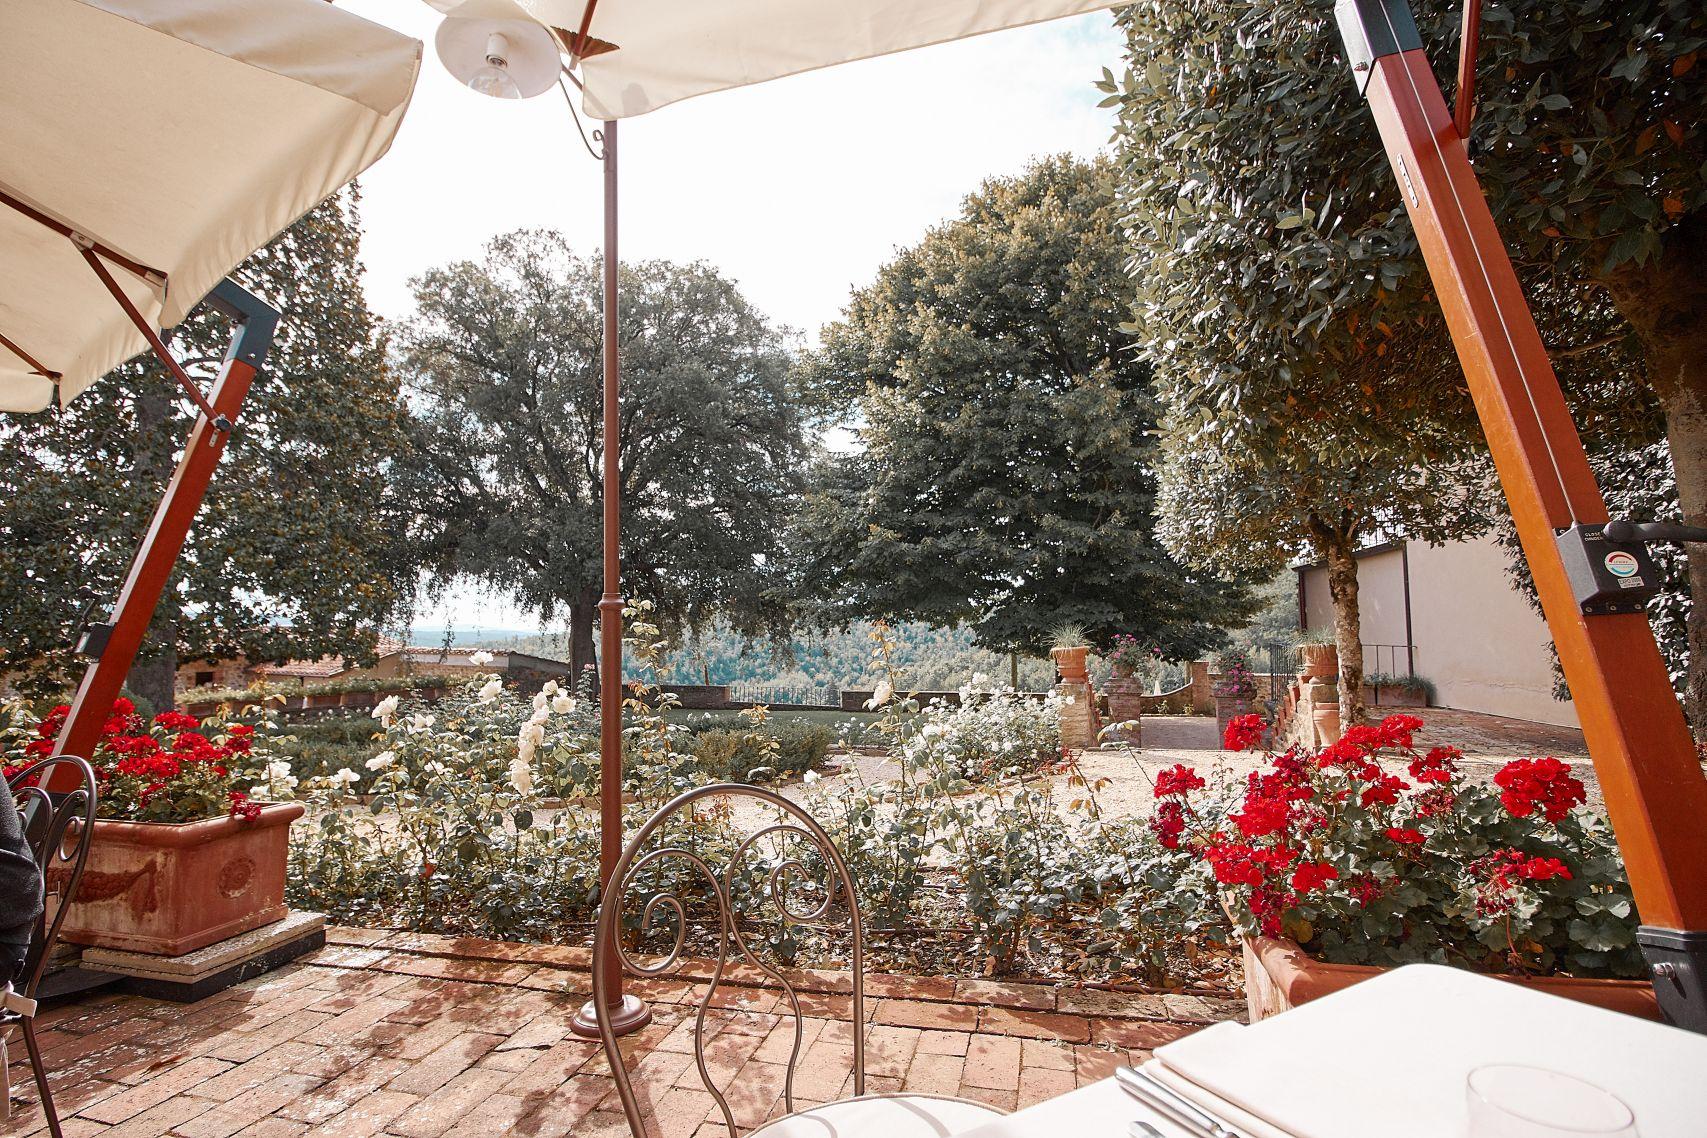 Gartenanlage vom Dievole Wine Resort in Siena als Unterkunft vom Toskana Roadtrip